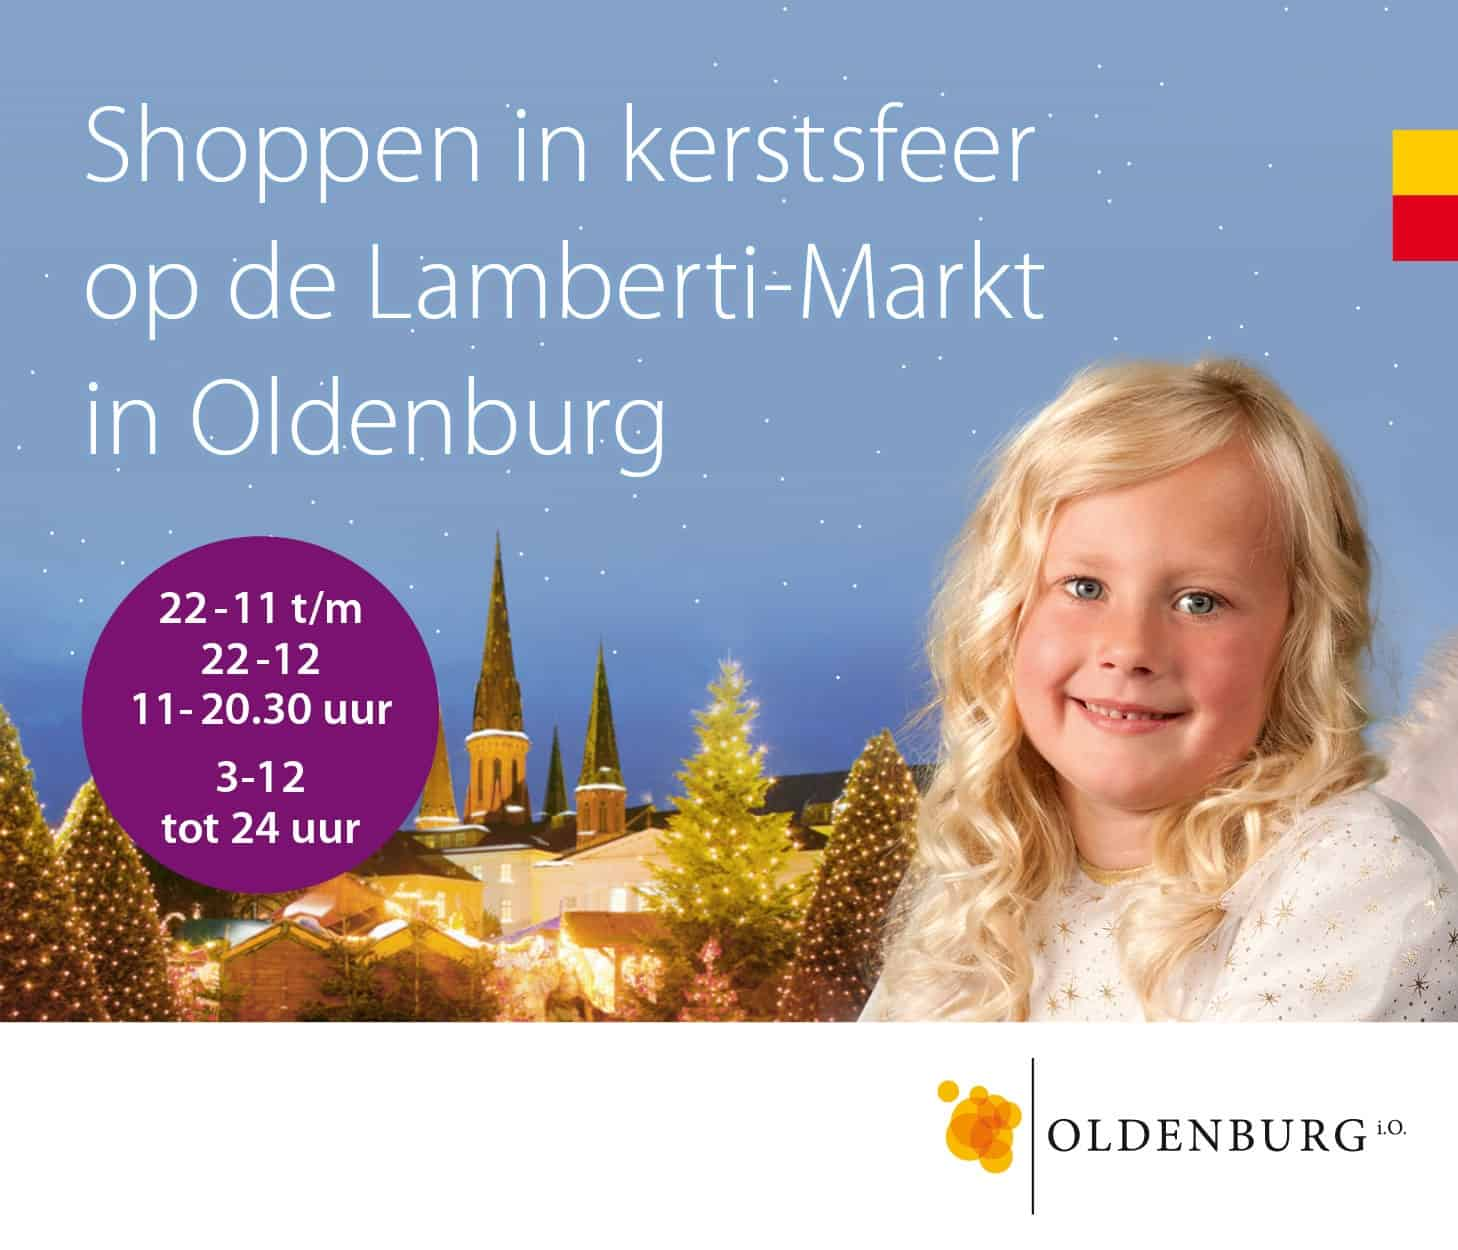 kerstmarkt van Oldenburg